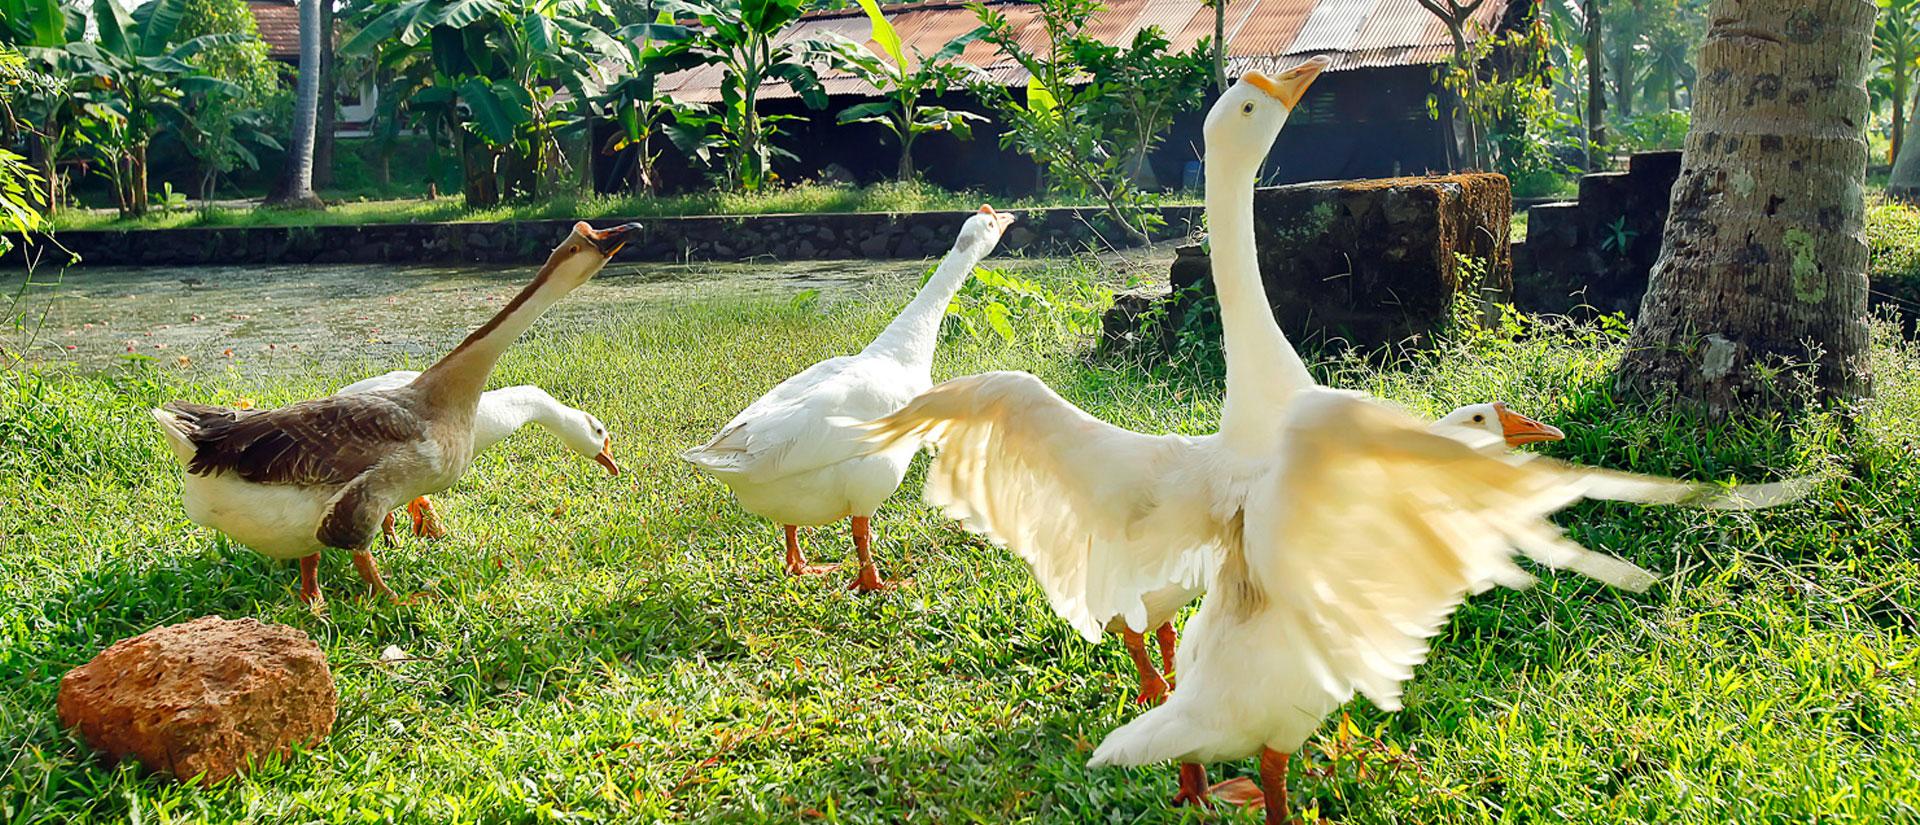 swan in farm